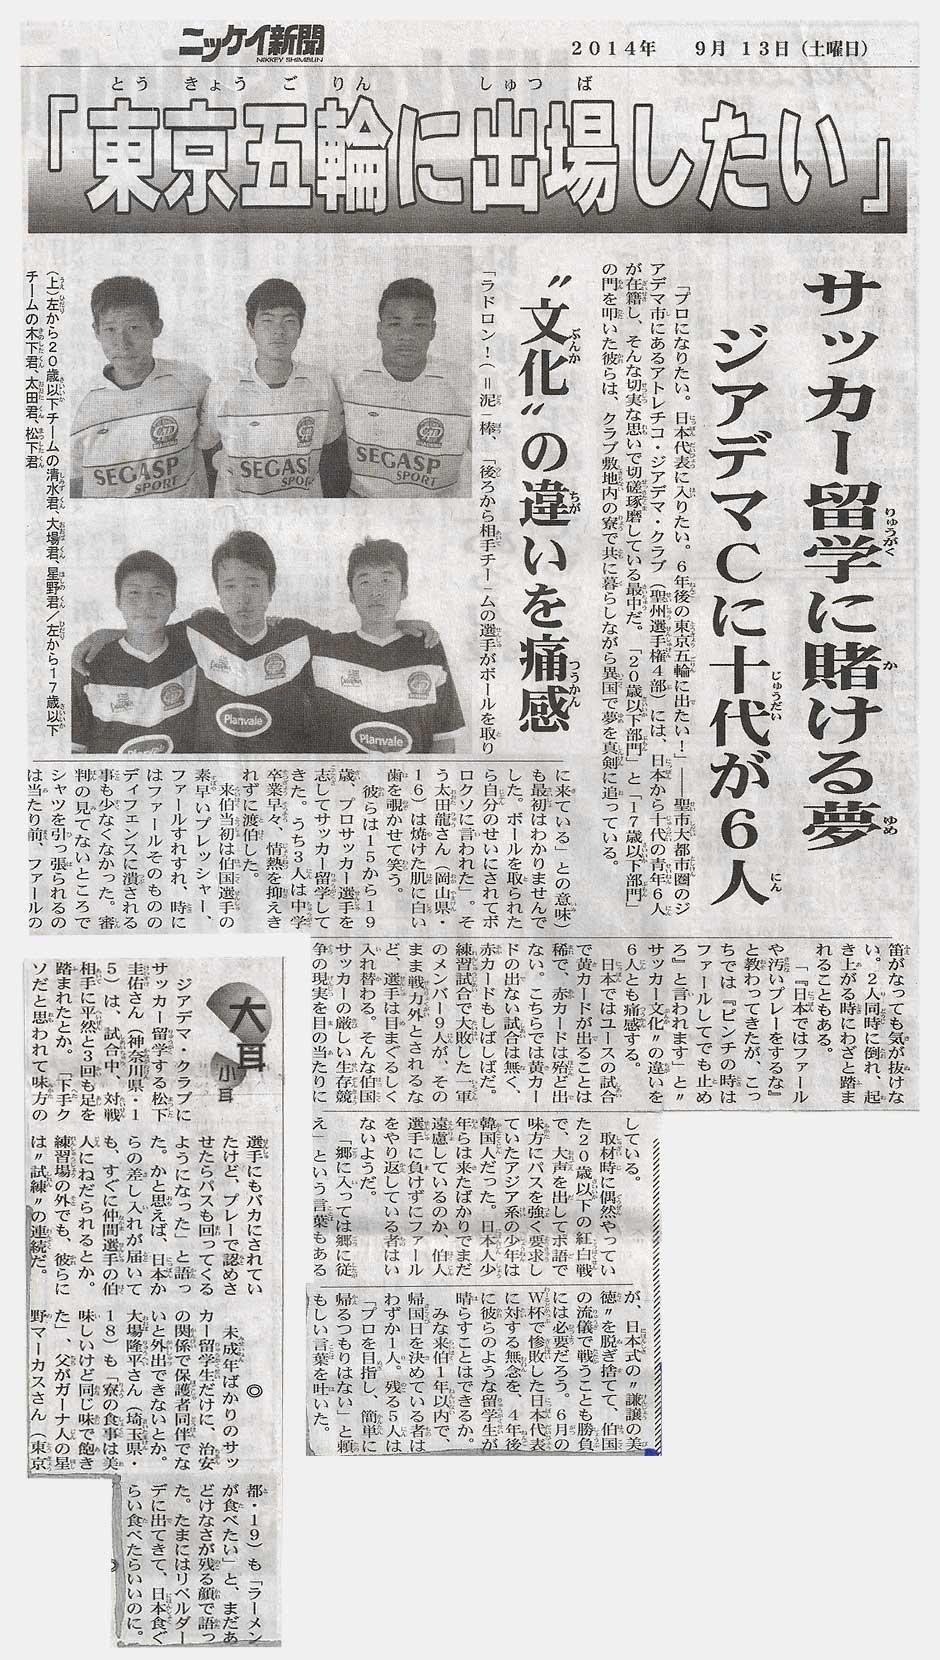 ブラジルサッカーサンパウロの留学生達が新聞取材を受けました